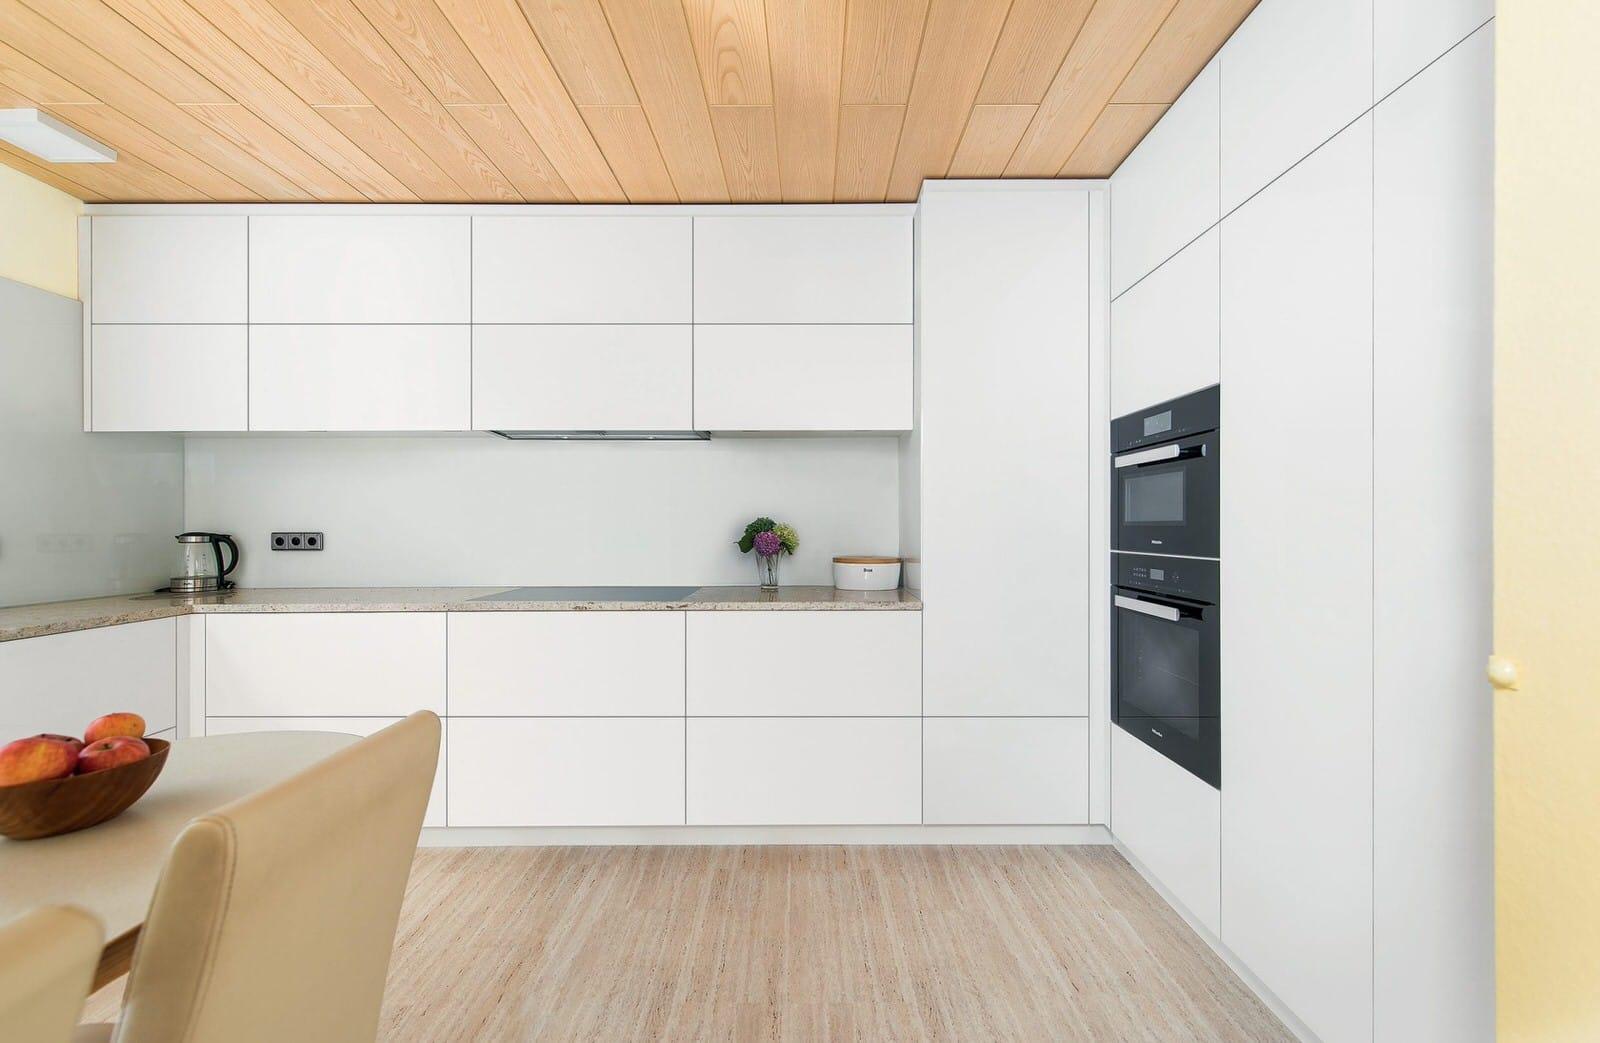 Foto de la renovación de la cocina